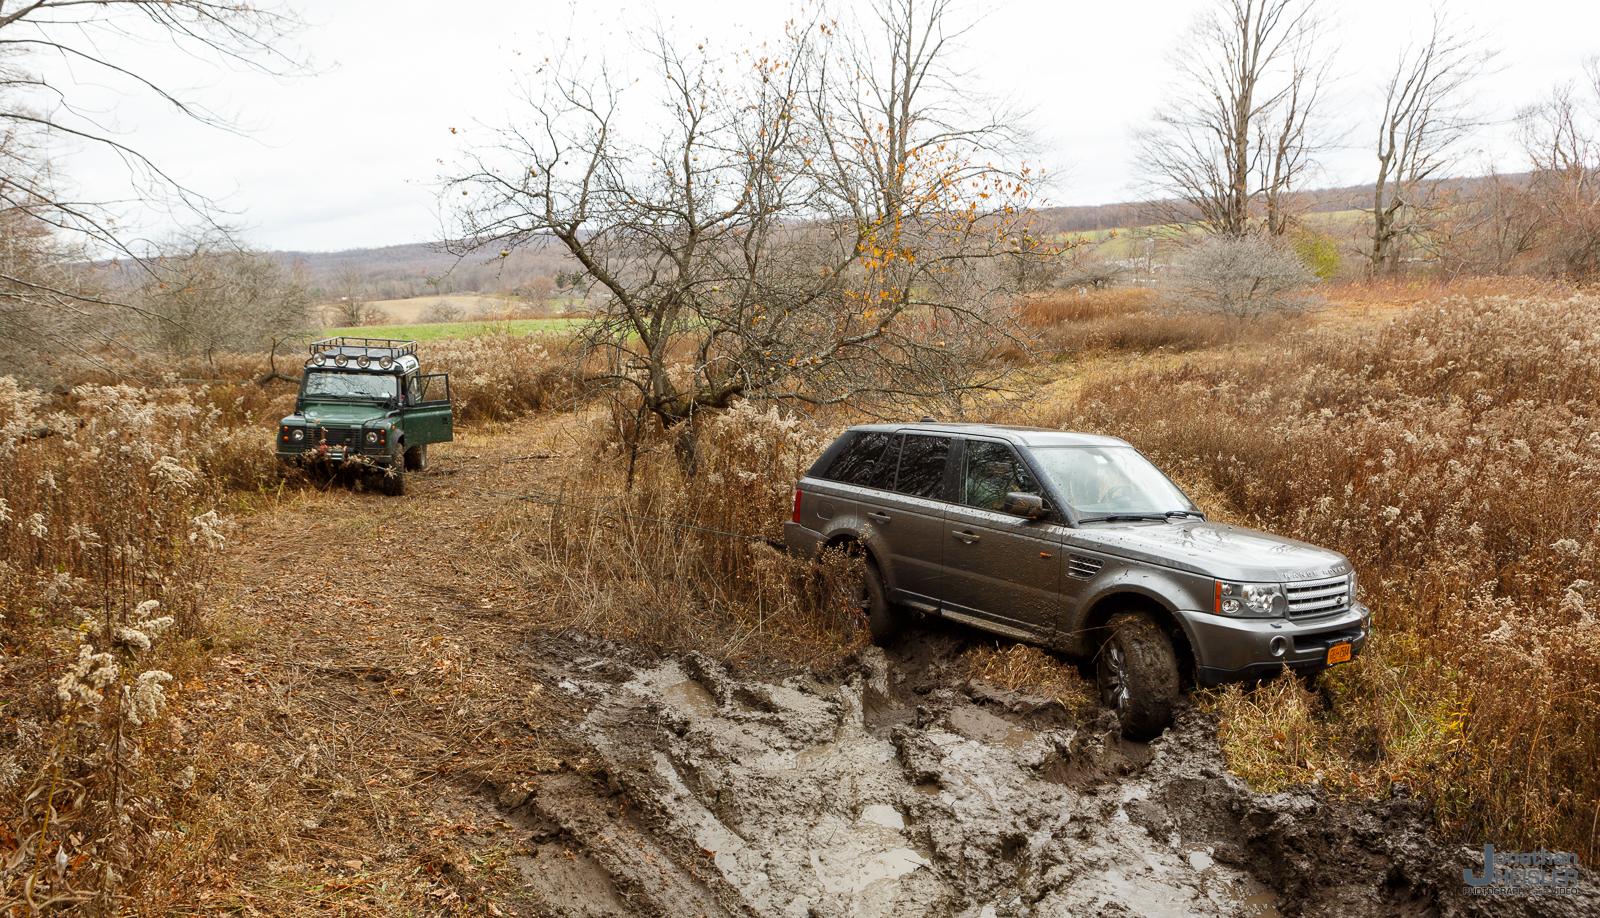 Guy Fawkes Land Rover_ Land Rover Defender __ Jonathan Heisler _ Jonathan Heisler Photography007.jpg